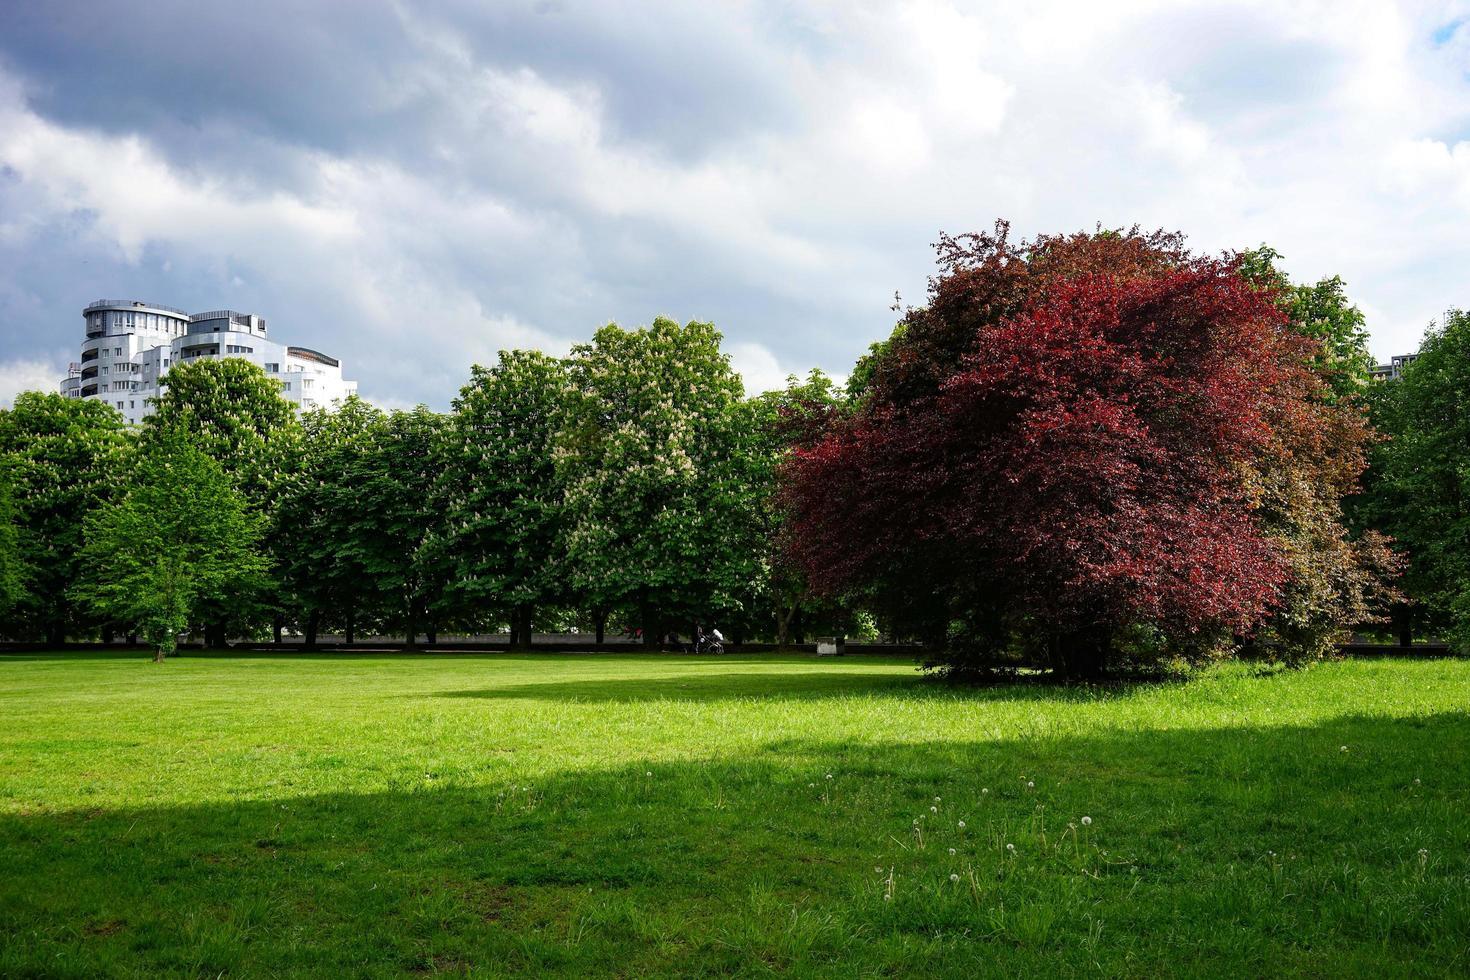 park gazon met groen gras foto